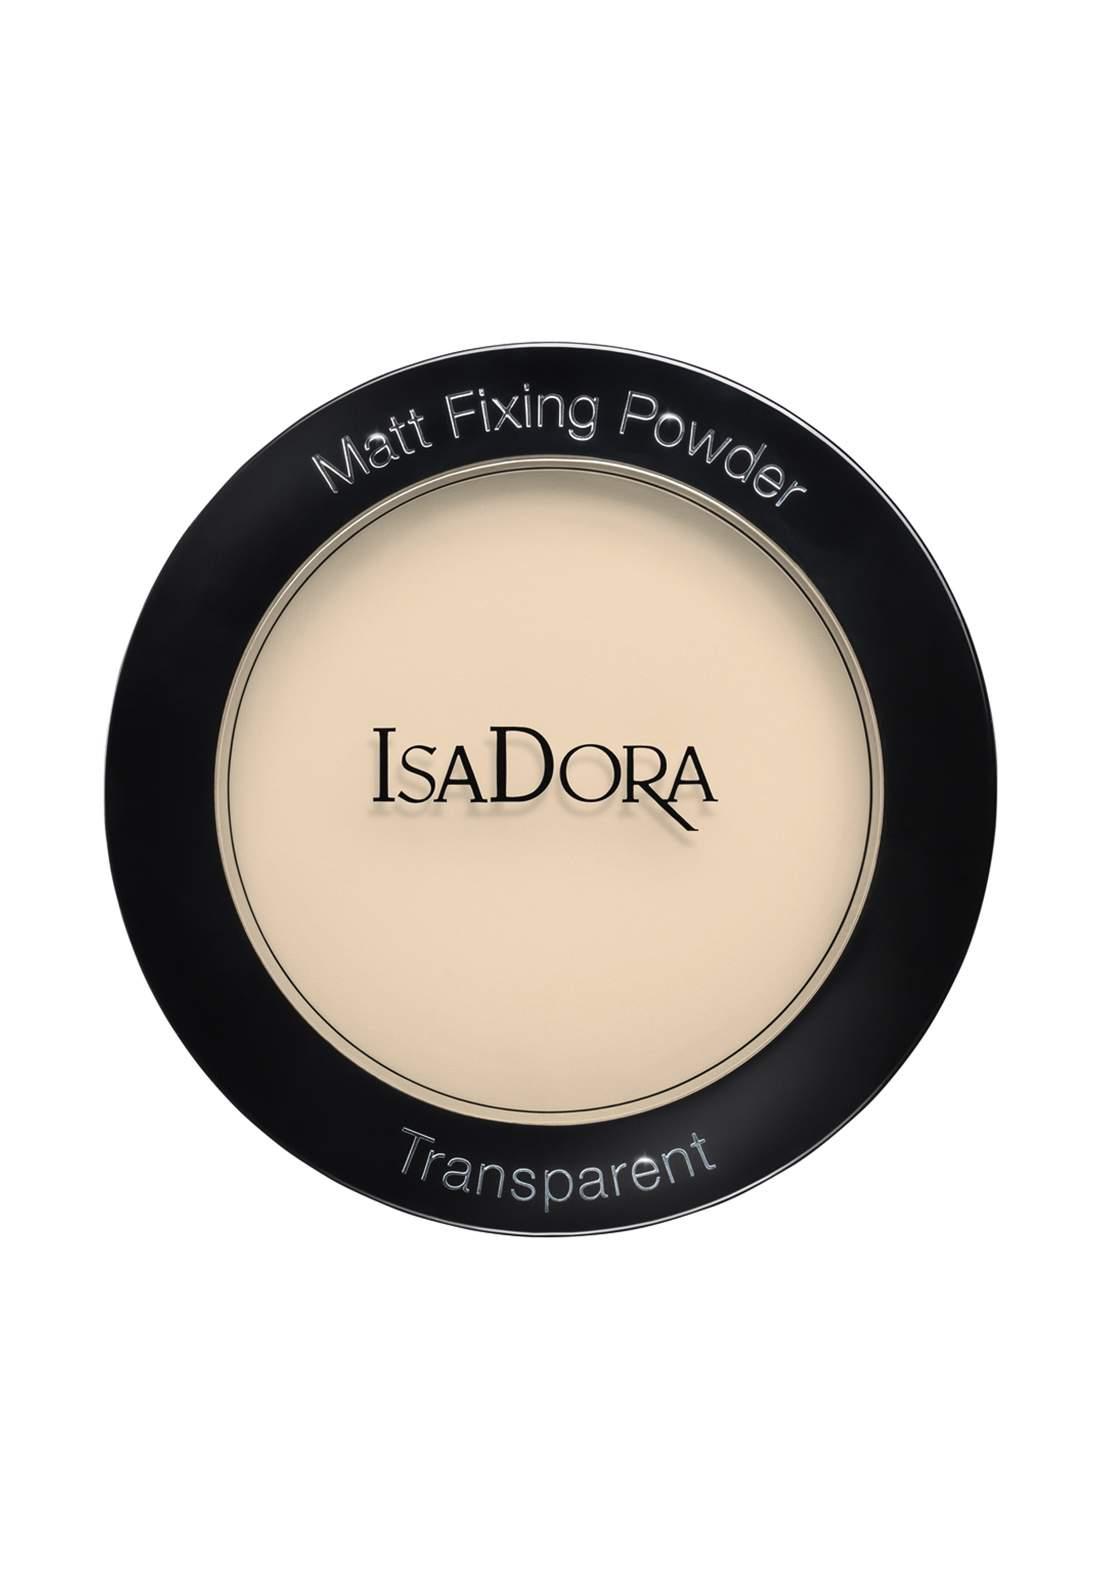 IsaDora 314336 Matt Fixing Blotting Powder - Sheer Blonde بودرة شفافة